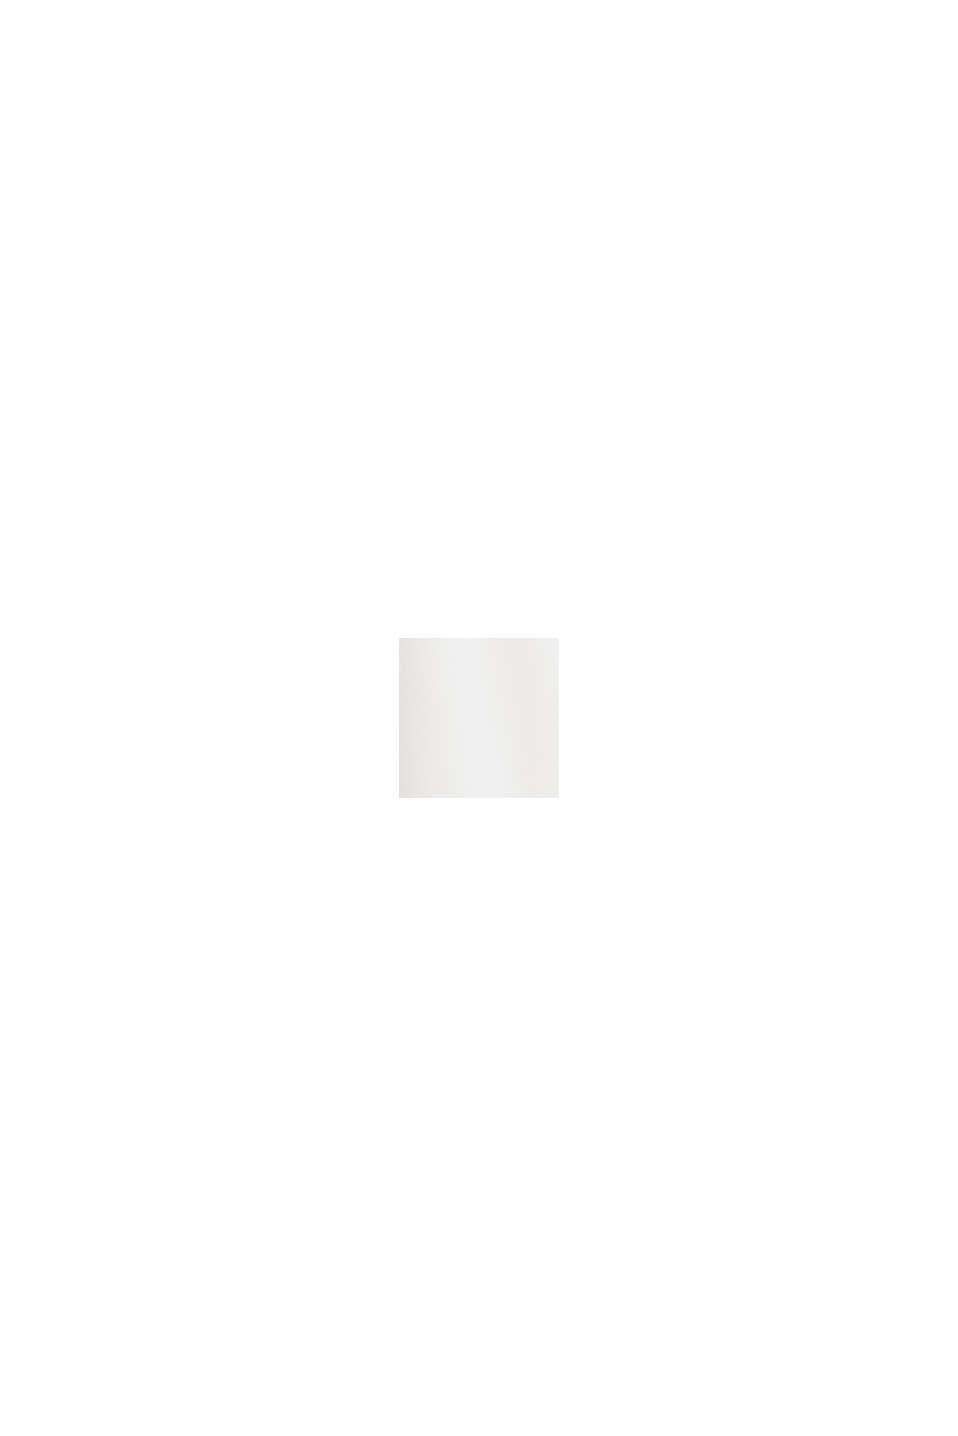 Blusa camisera de crepé fino, OFF WHITE, swatch